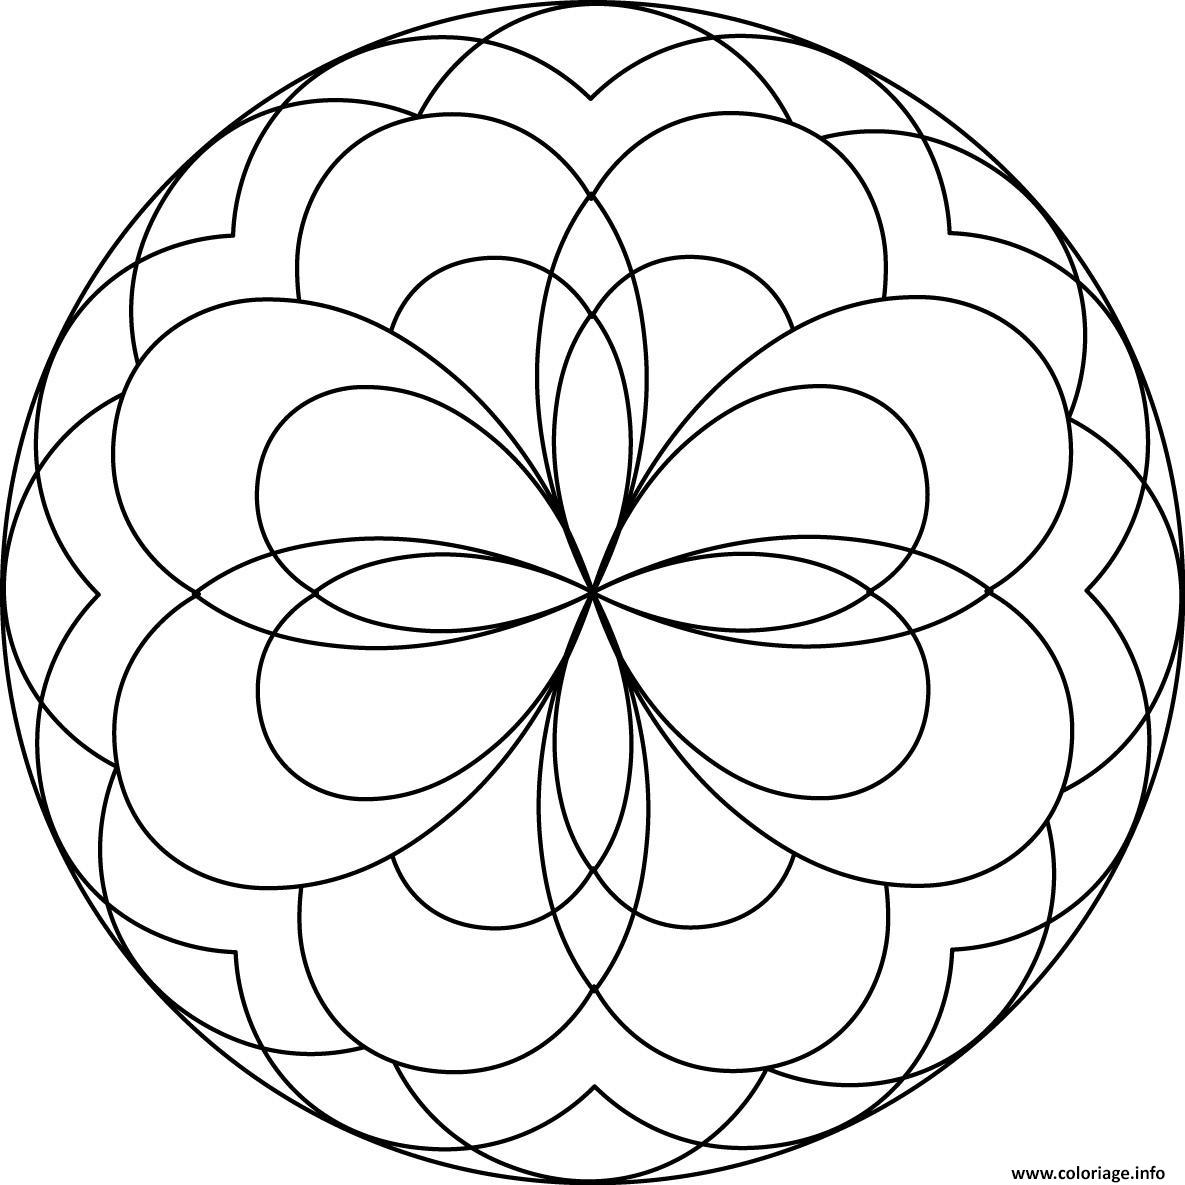 Coloriage Mandala Facile 60 Jecolorie Com